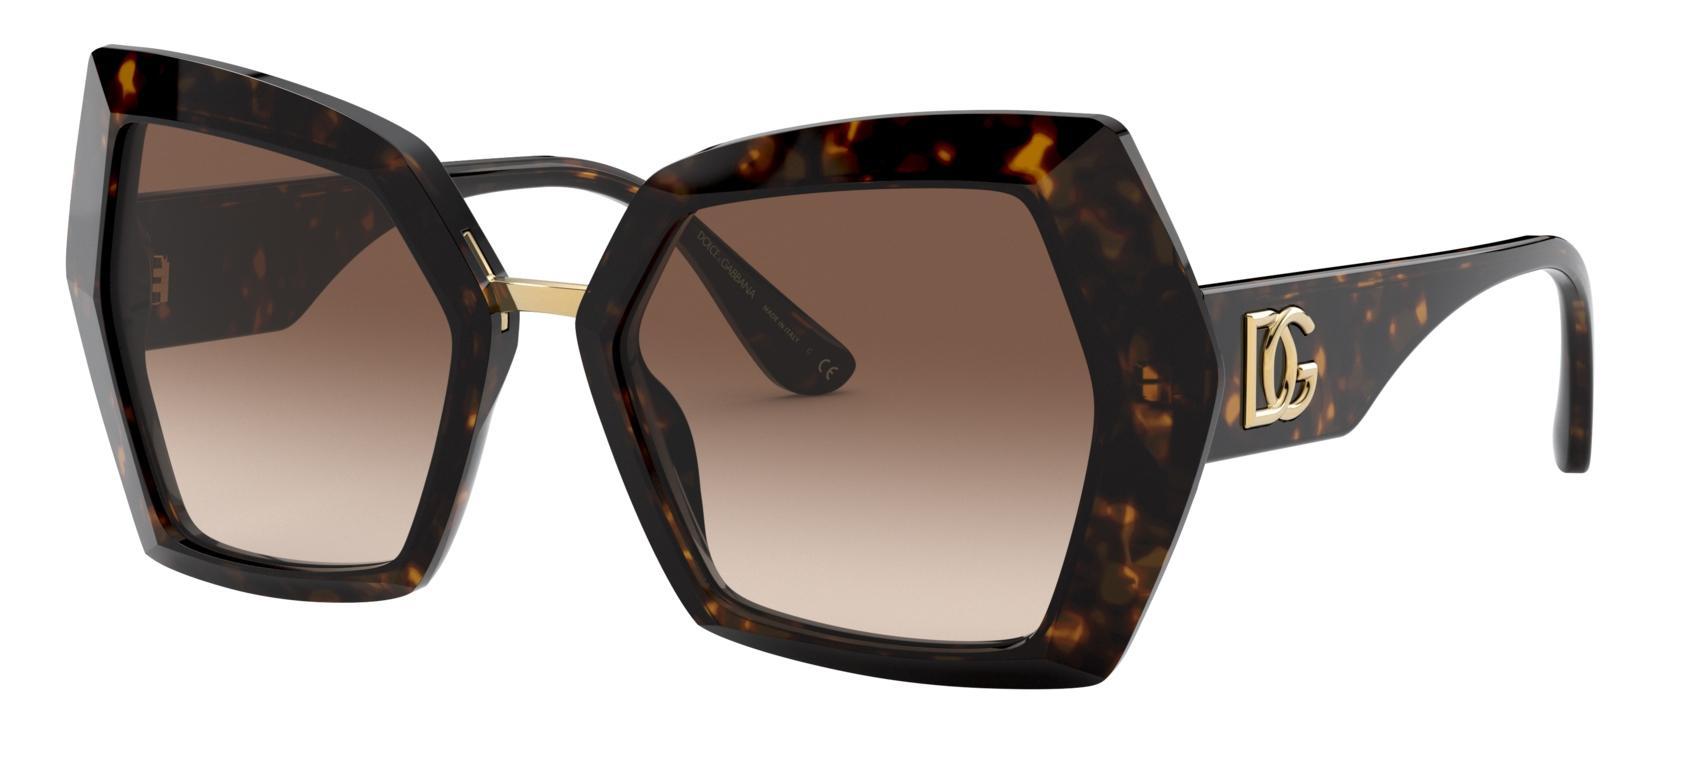 Dolce & Gabbana - DG4377 502/13 - Óculos de Sol